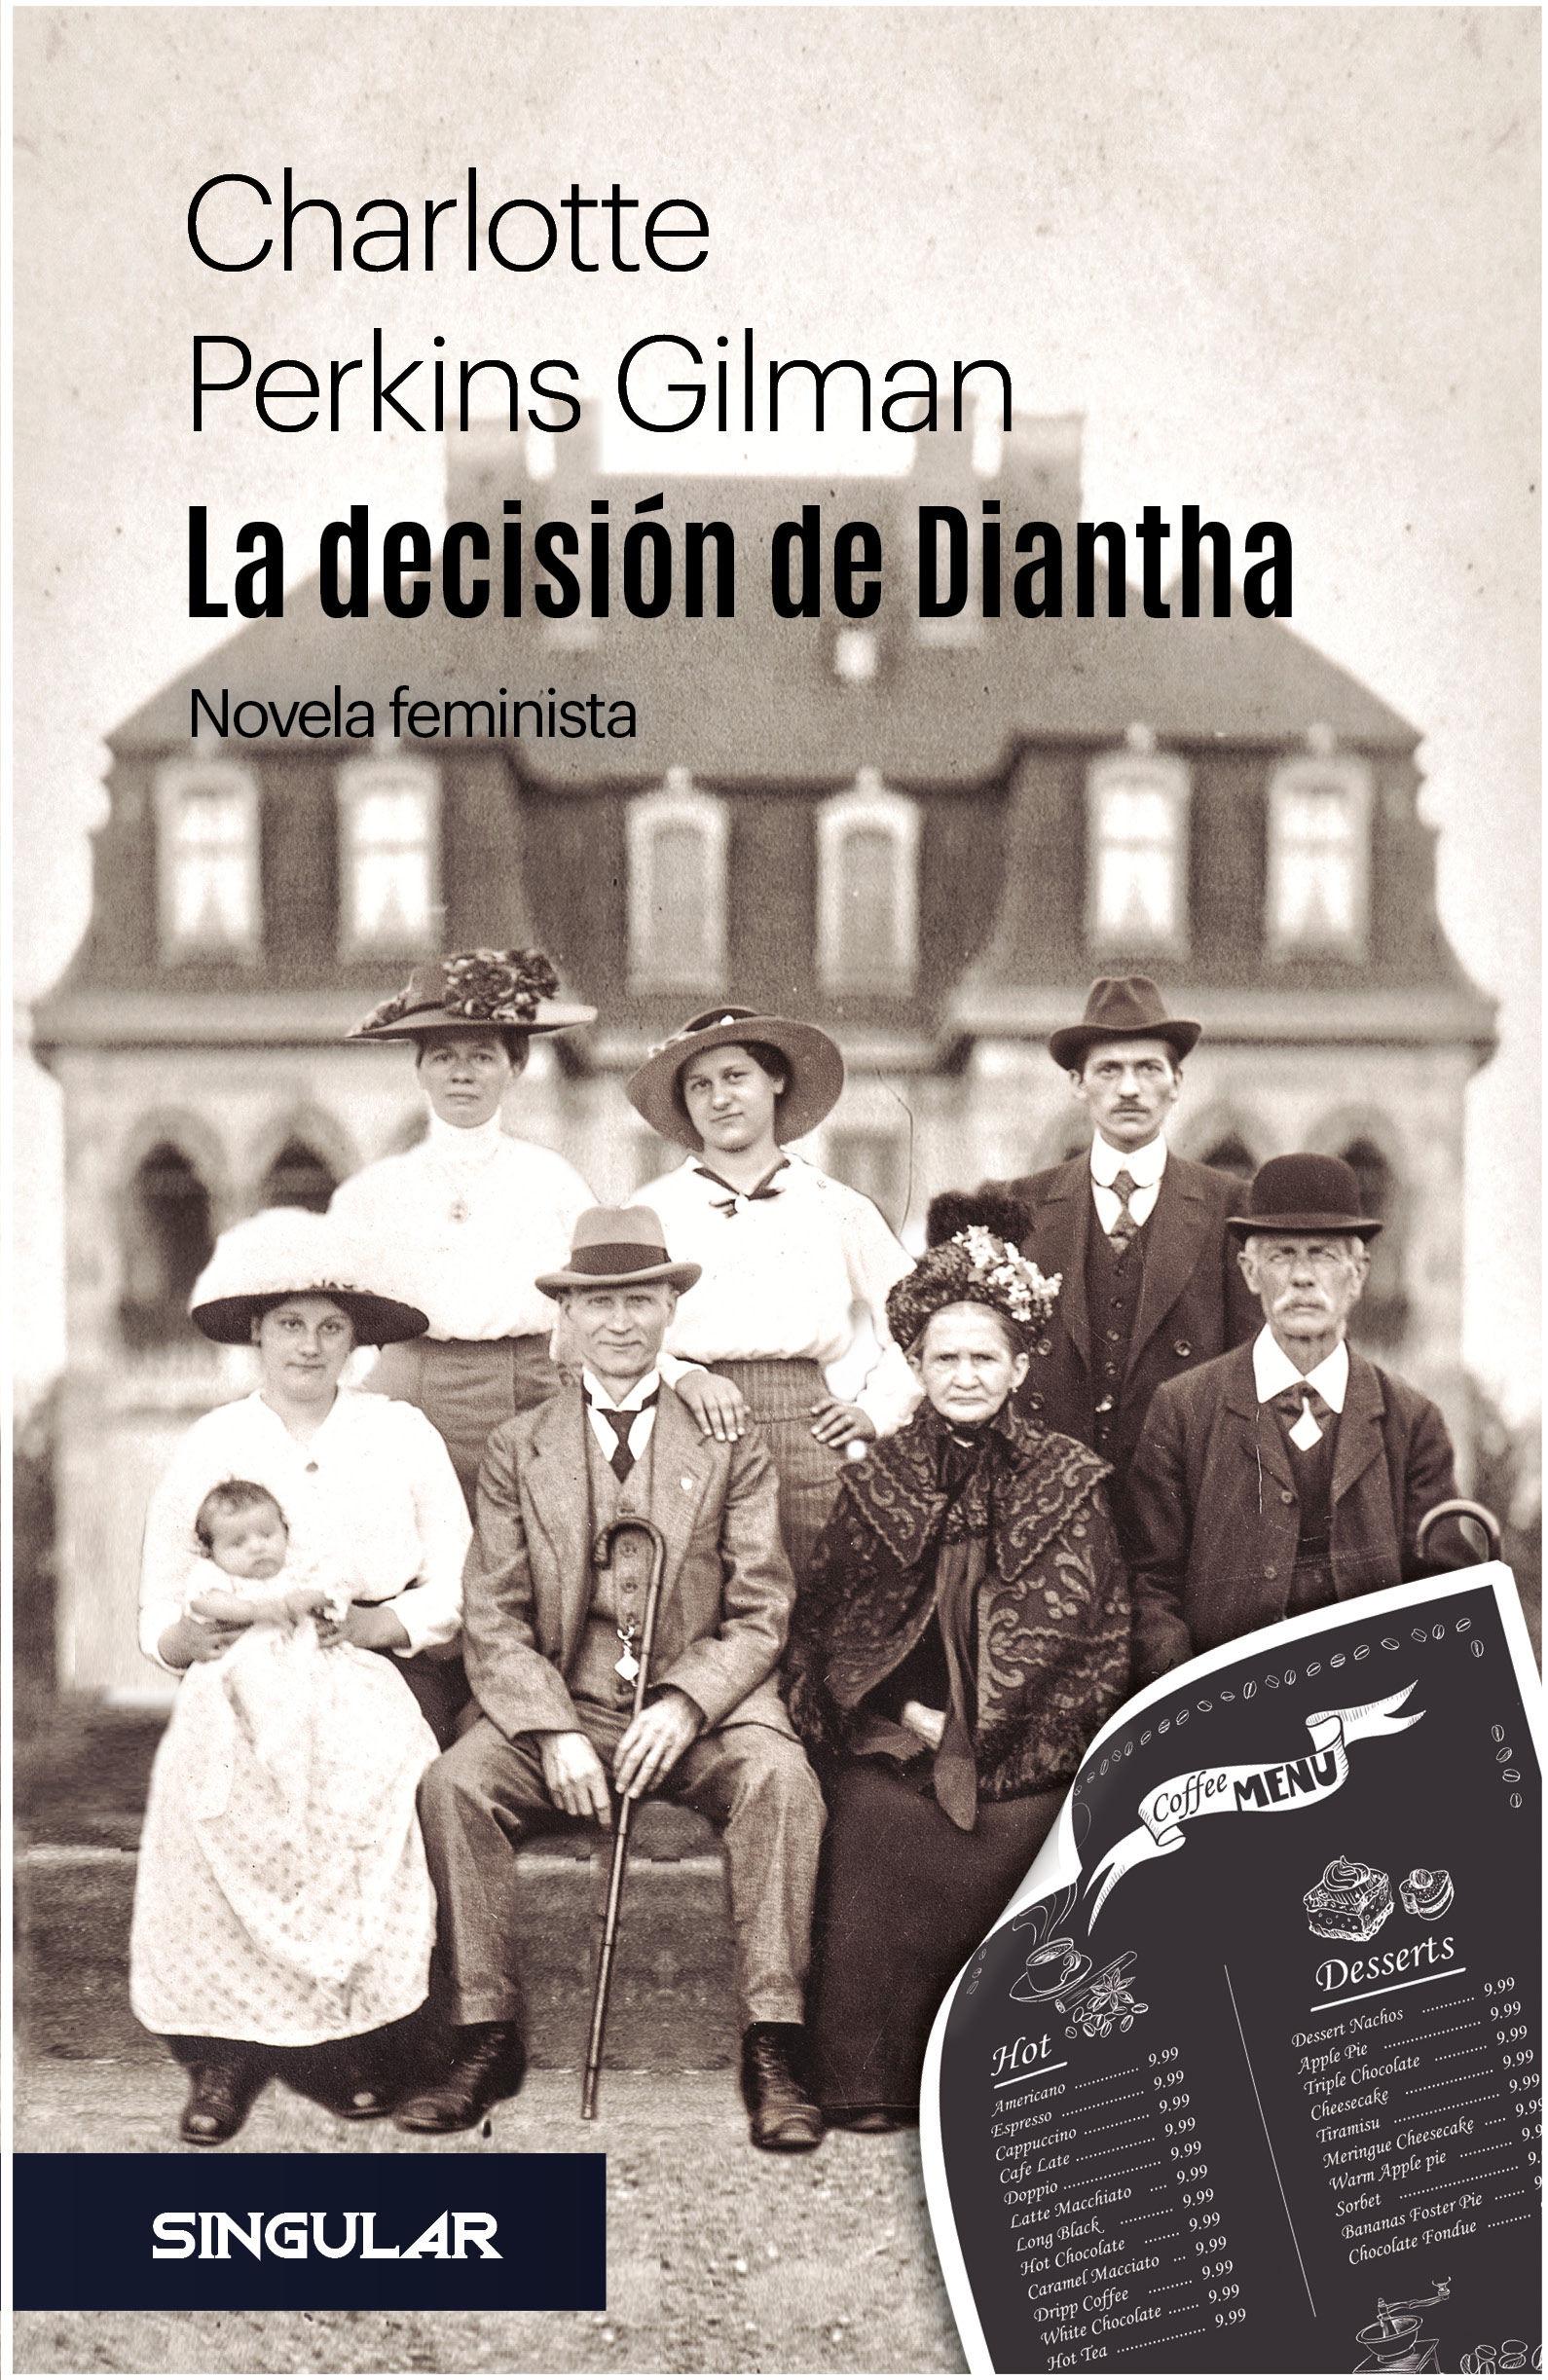 DECISION DE DIANTHA LA